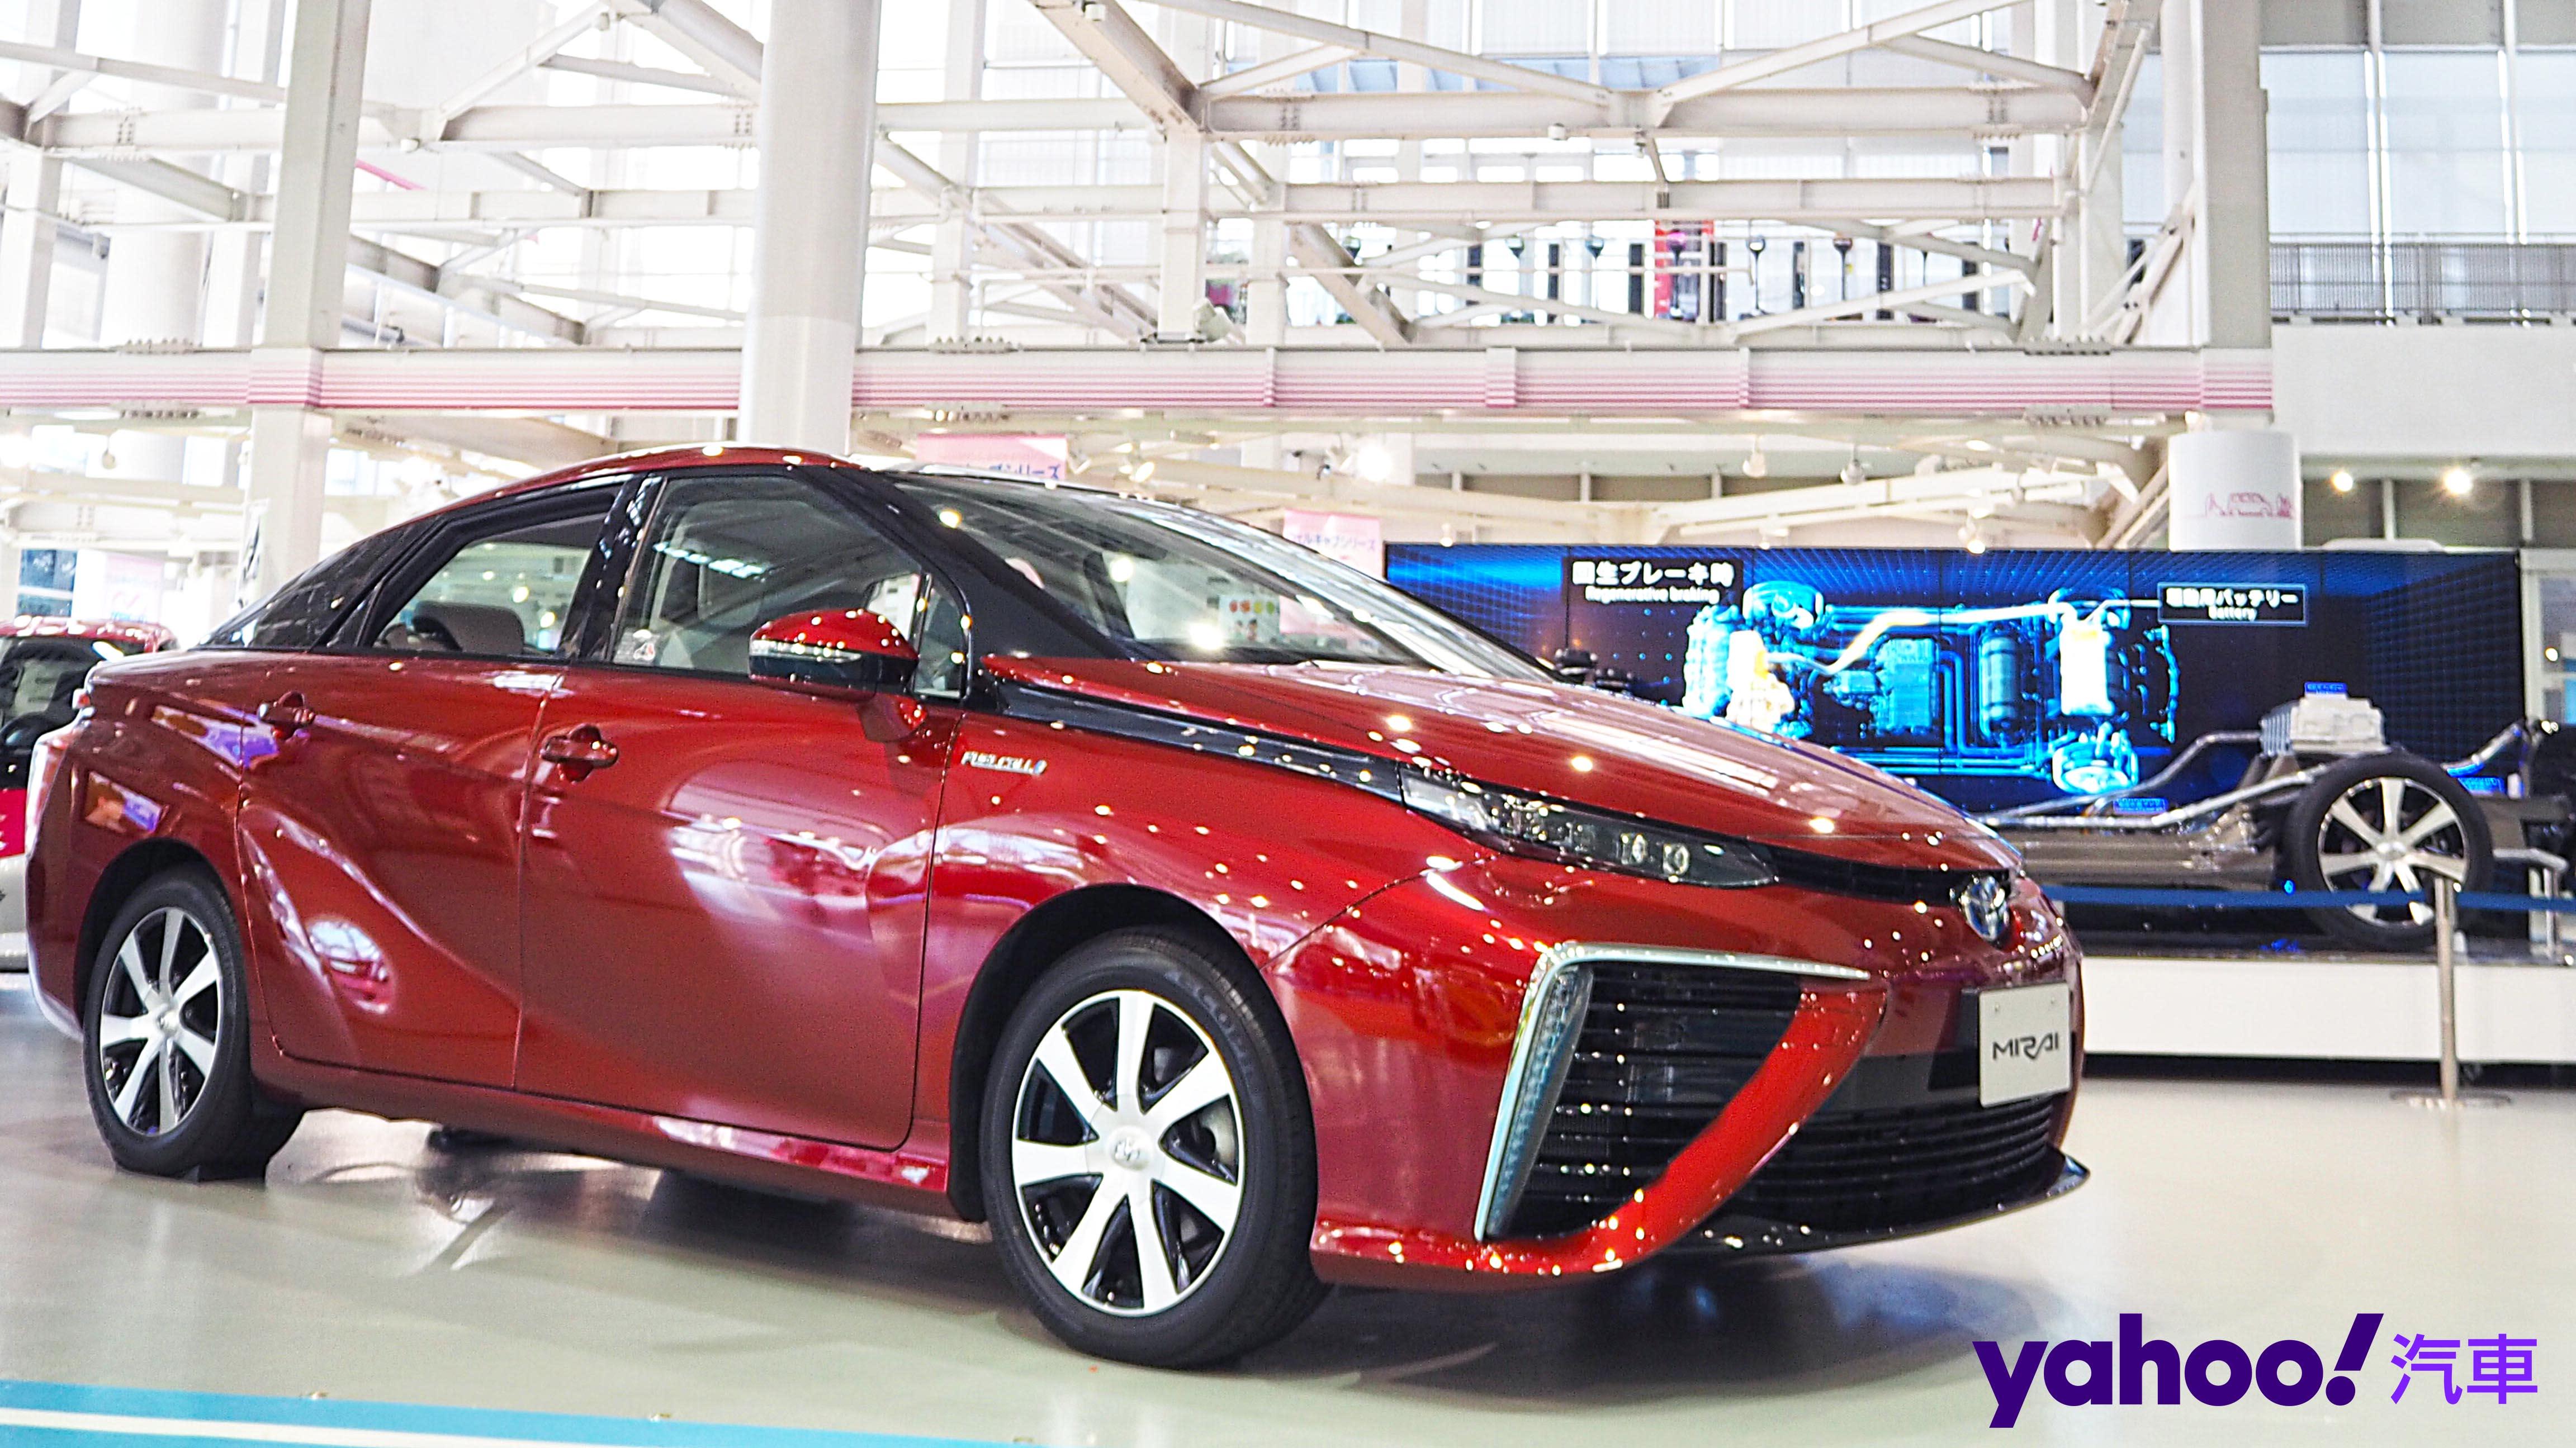 潮到出水的移動未來式!氫燃料電池車發展輕解析!